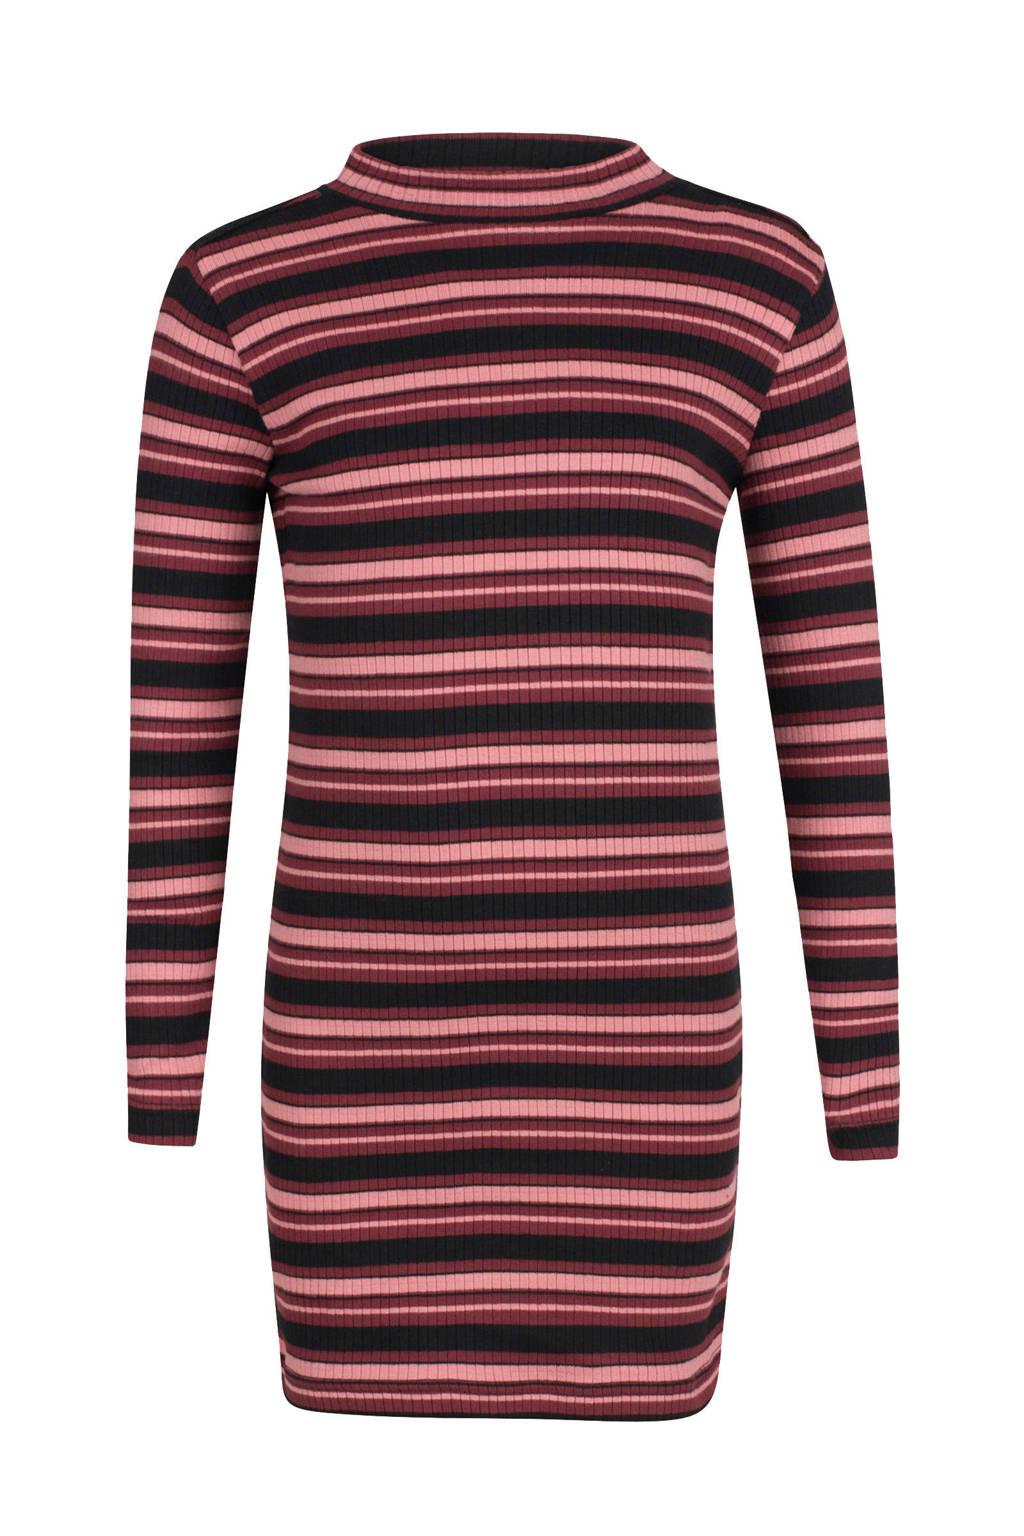 Jill gestreepte jersey jurk Bridget donkerrood/roze, Donkerrood/roze